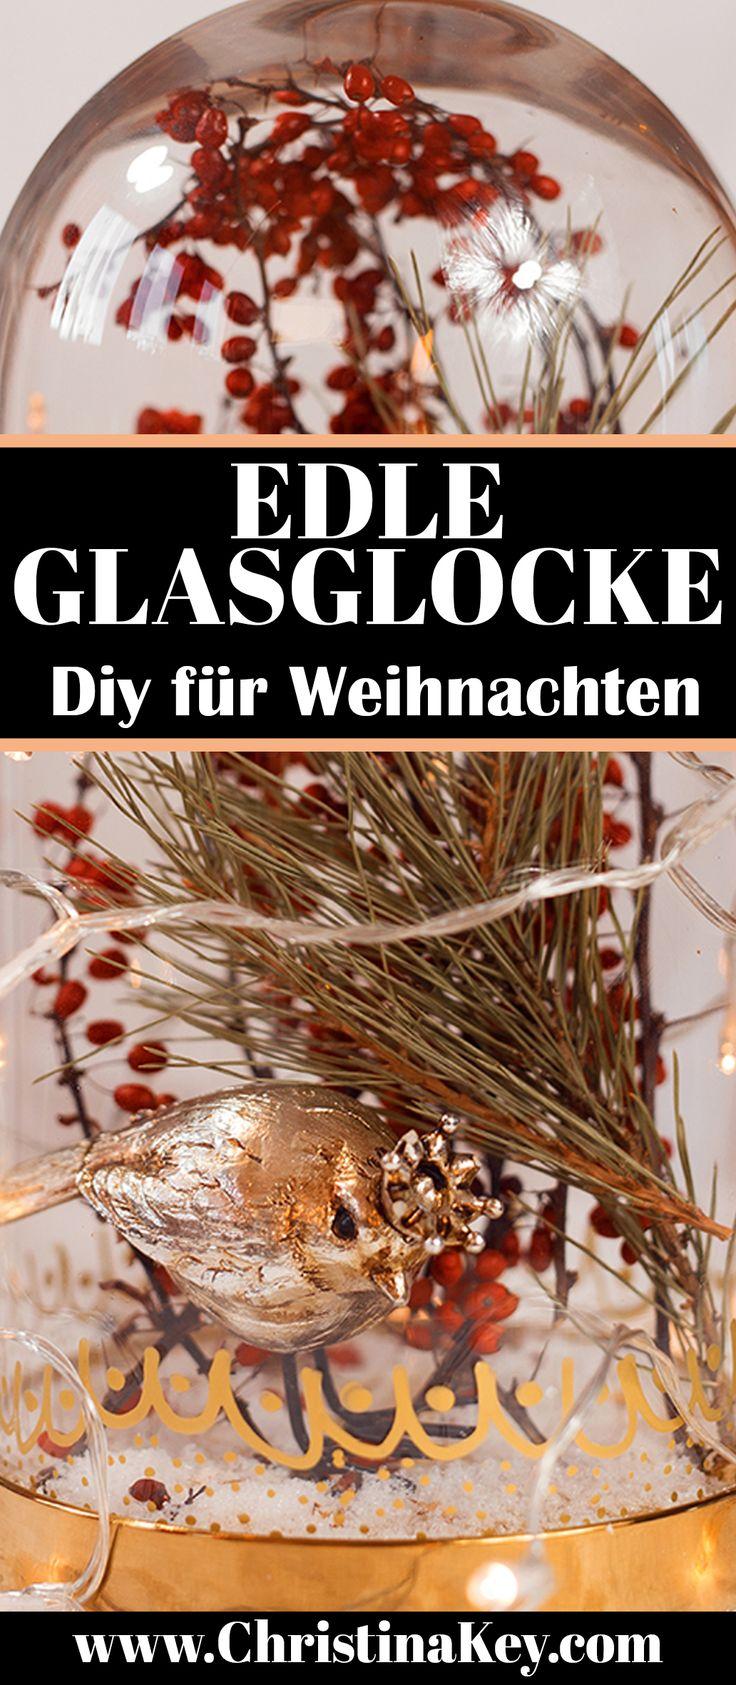 Edle Glasglocke – Dekoration für Weihnachten